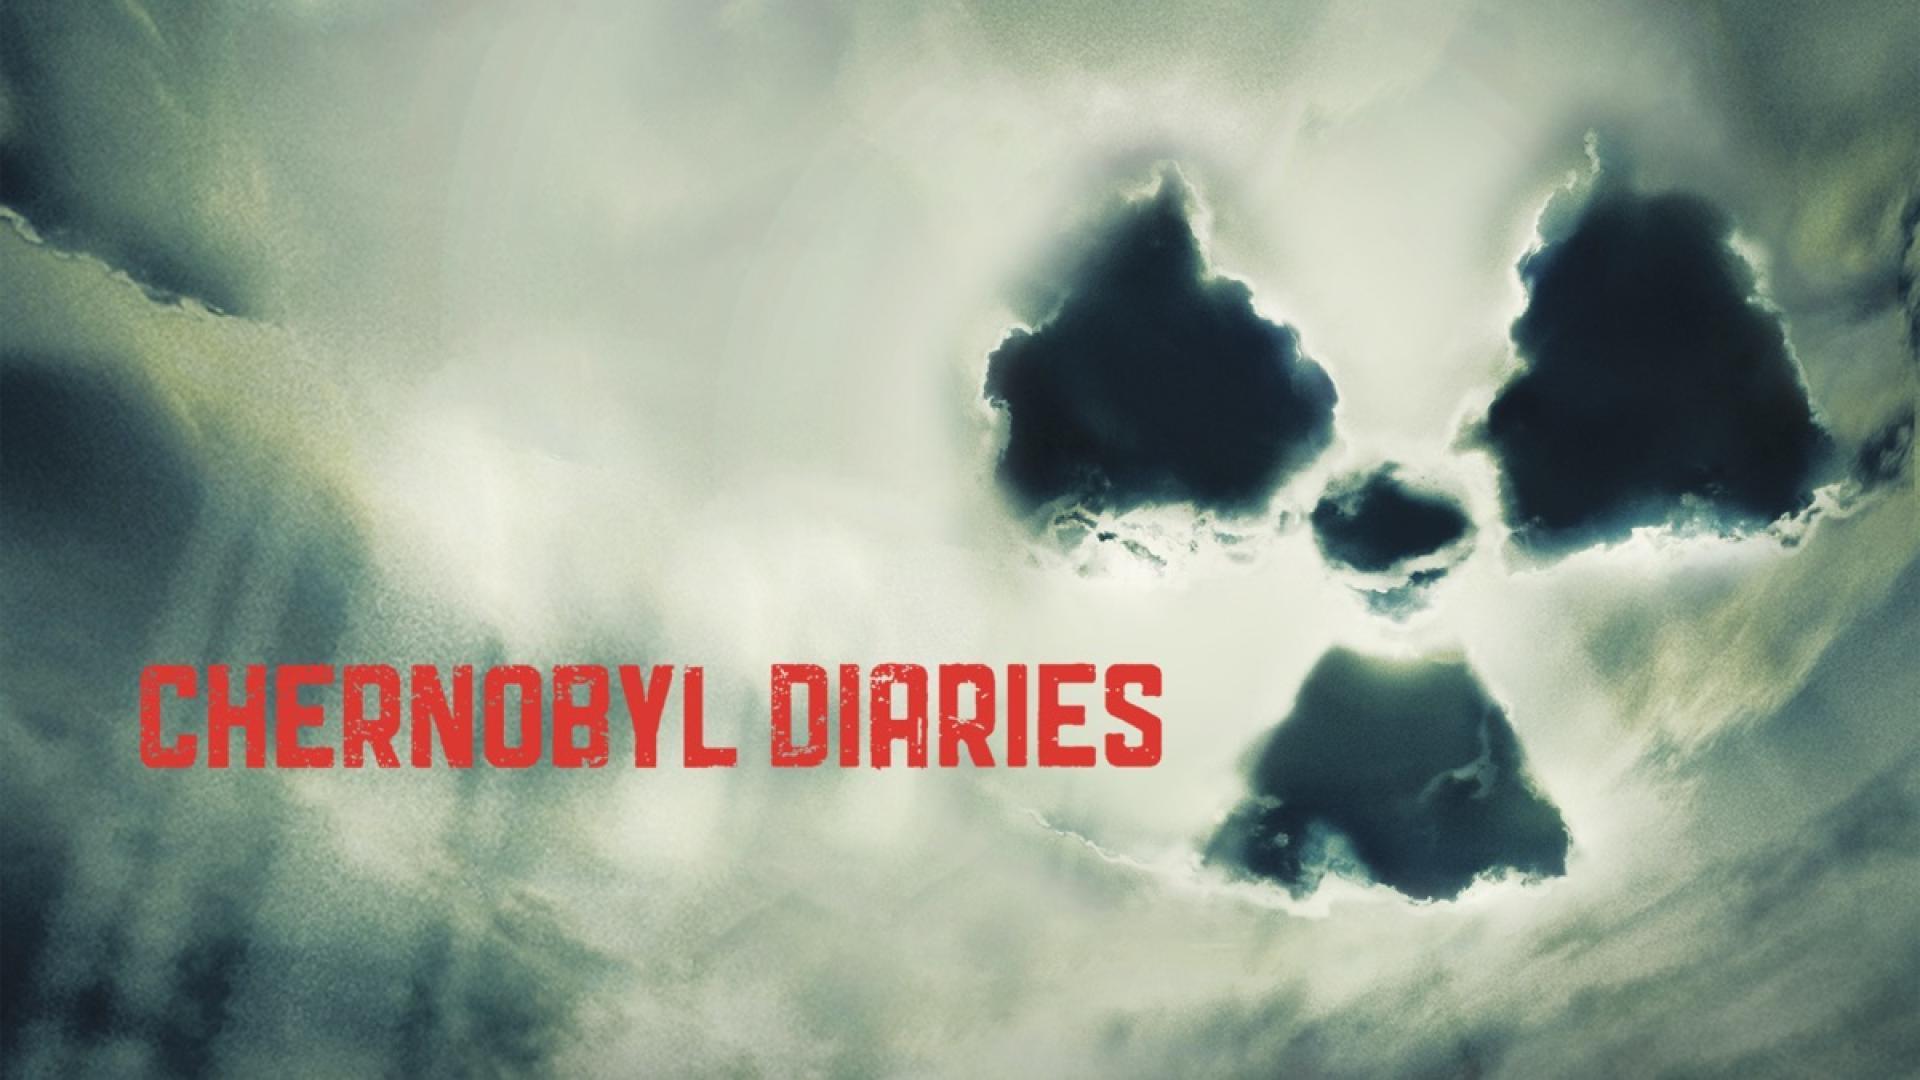 Chernobyl Diaries - Ideglelés Csernobilban (2012)